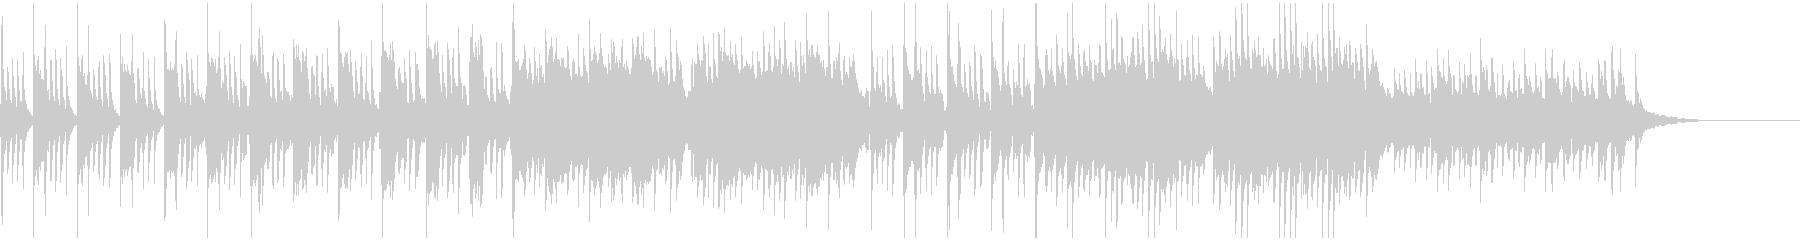 キラキラしたピアノバラード小品の未再生の波形